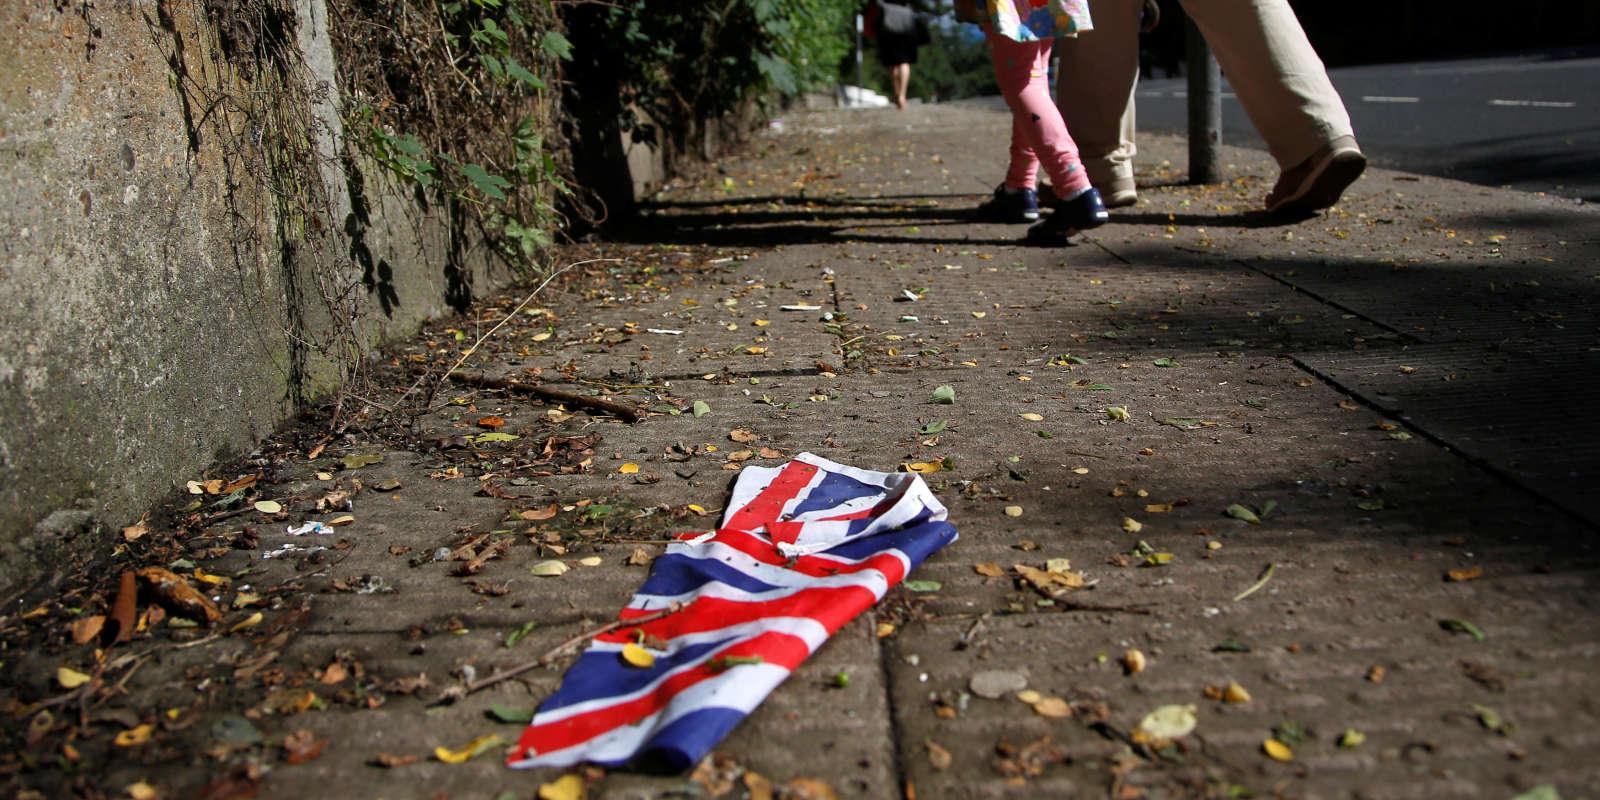 Un drapeau britannique jonche un trottoir d'une rue londonienne, vendredi 24 juin, au lendemain du référendum sur la sortie du pays de l'Union européenne.